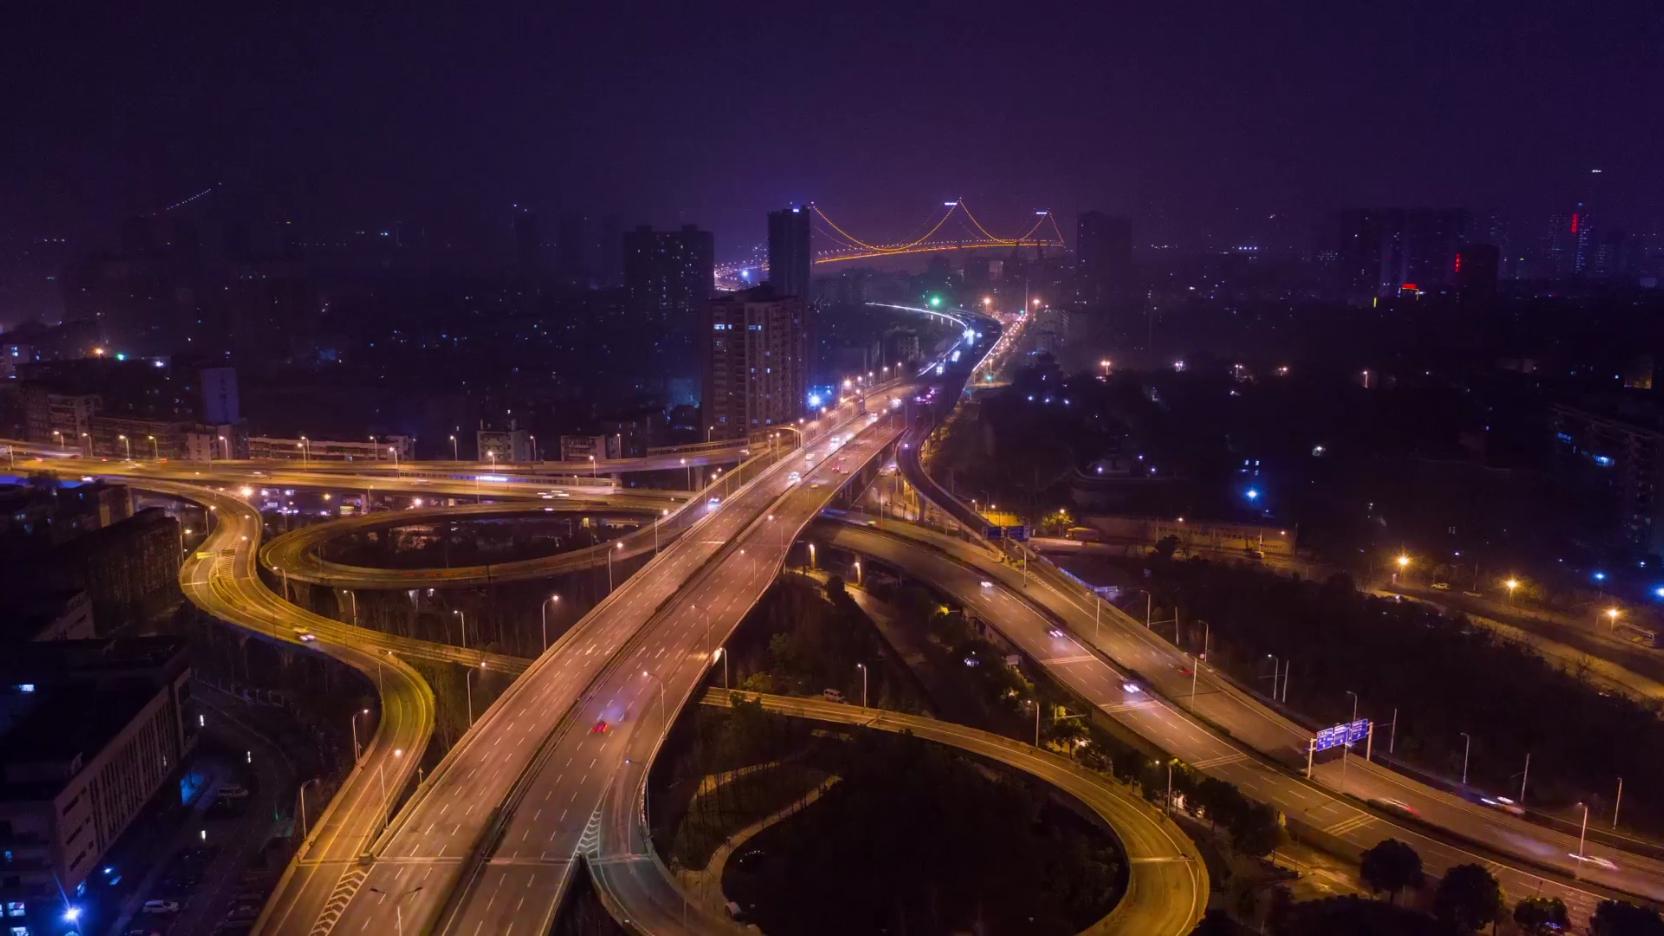 武昌,火车站,航拍,延时,车流,经济,城市,交通视频素材